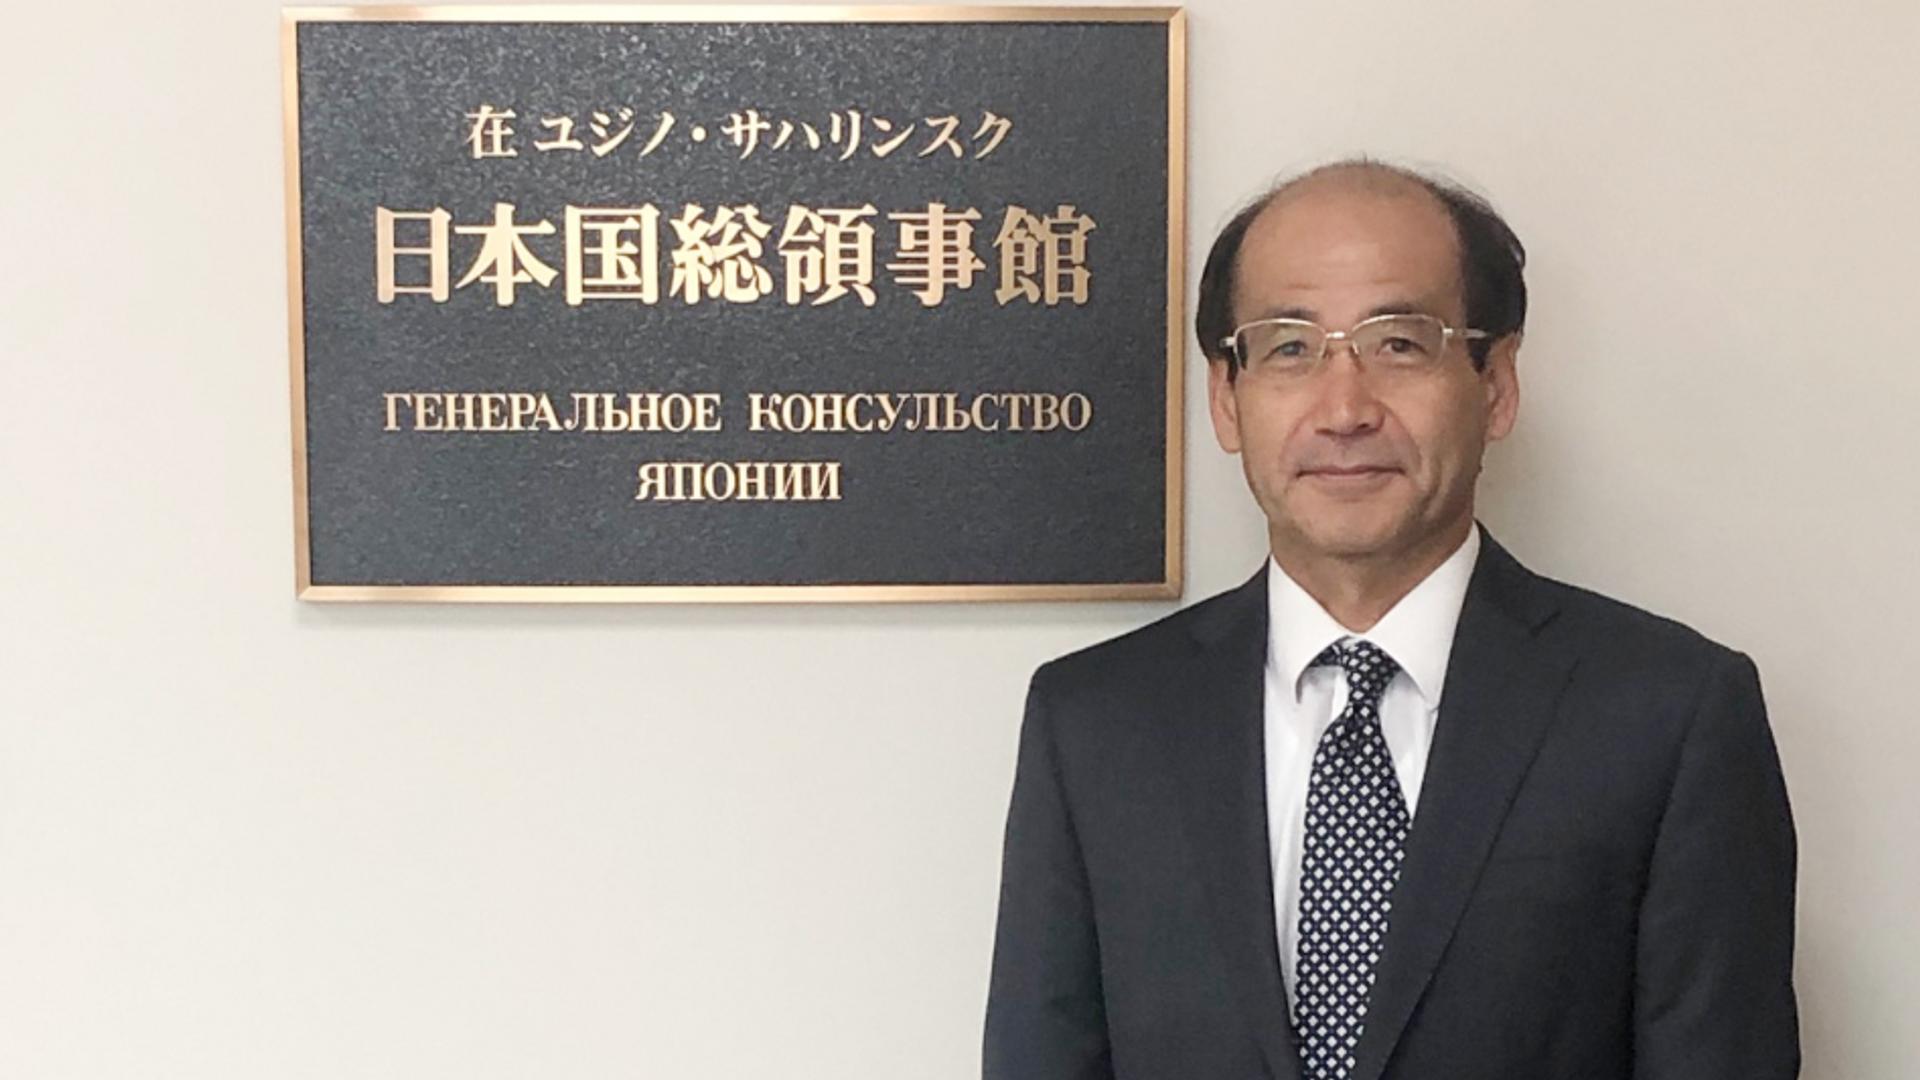 Генеральный консул Японии в г. Южно-Сахалинске Кадзухиро Куно - РИА Новости, 1920, 10.09.2021